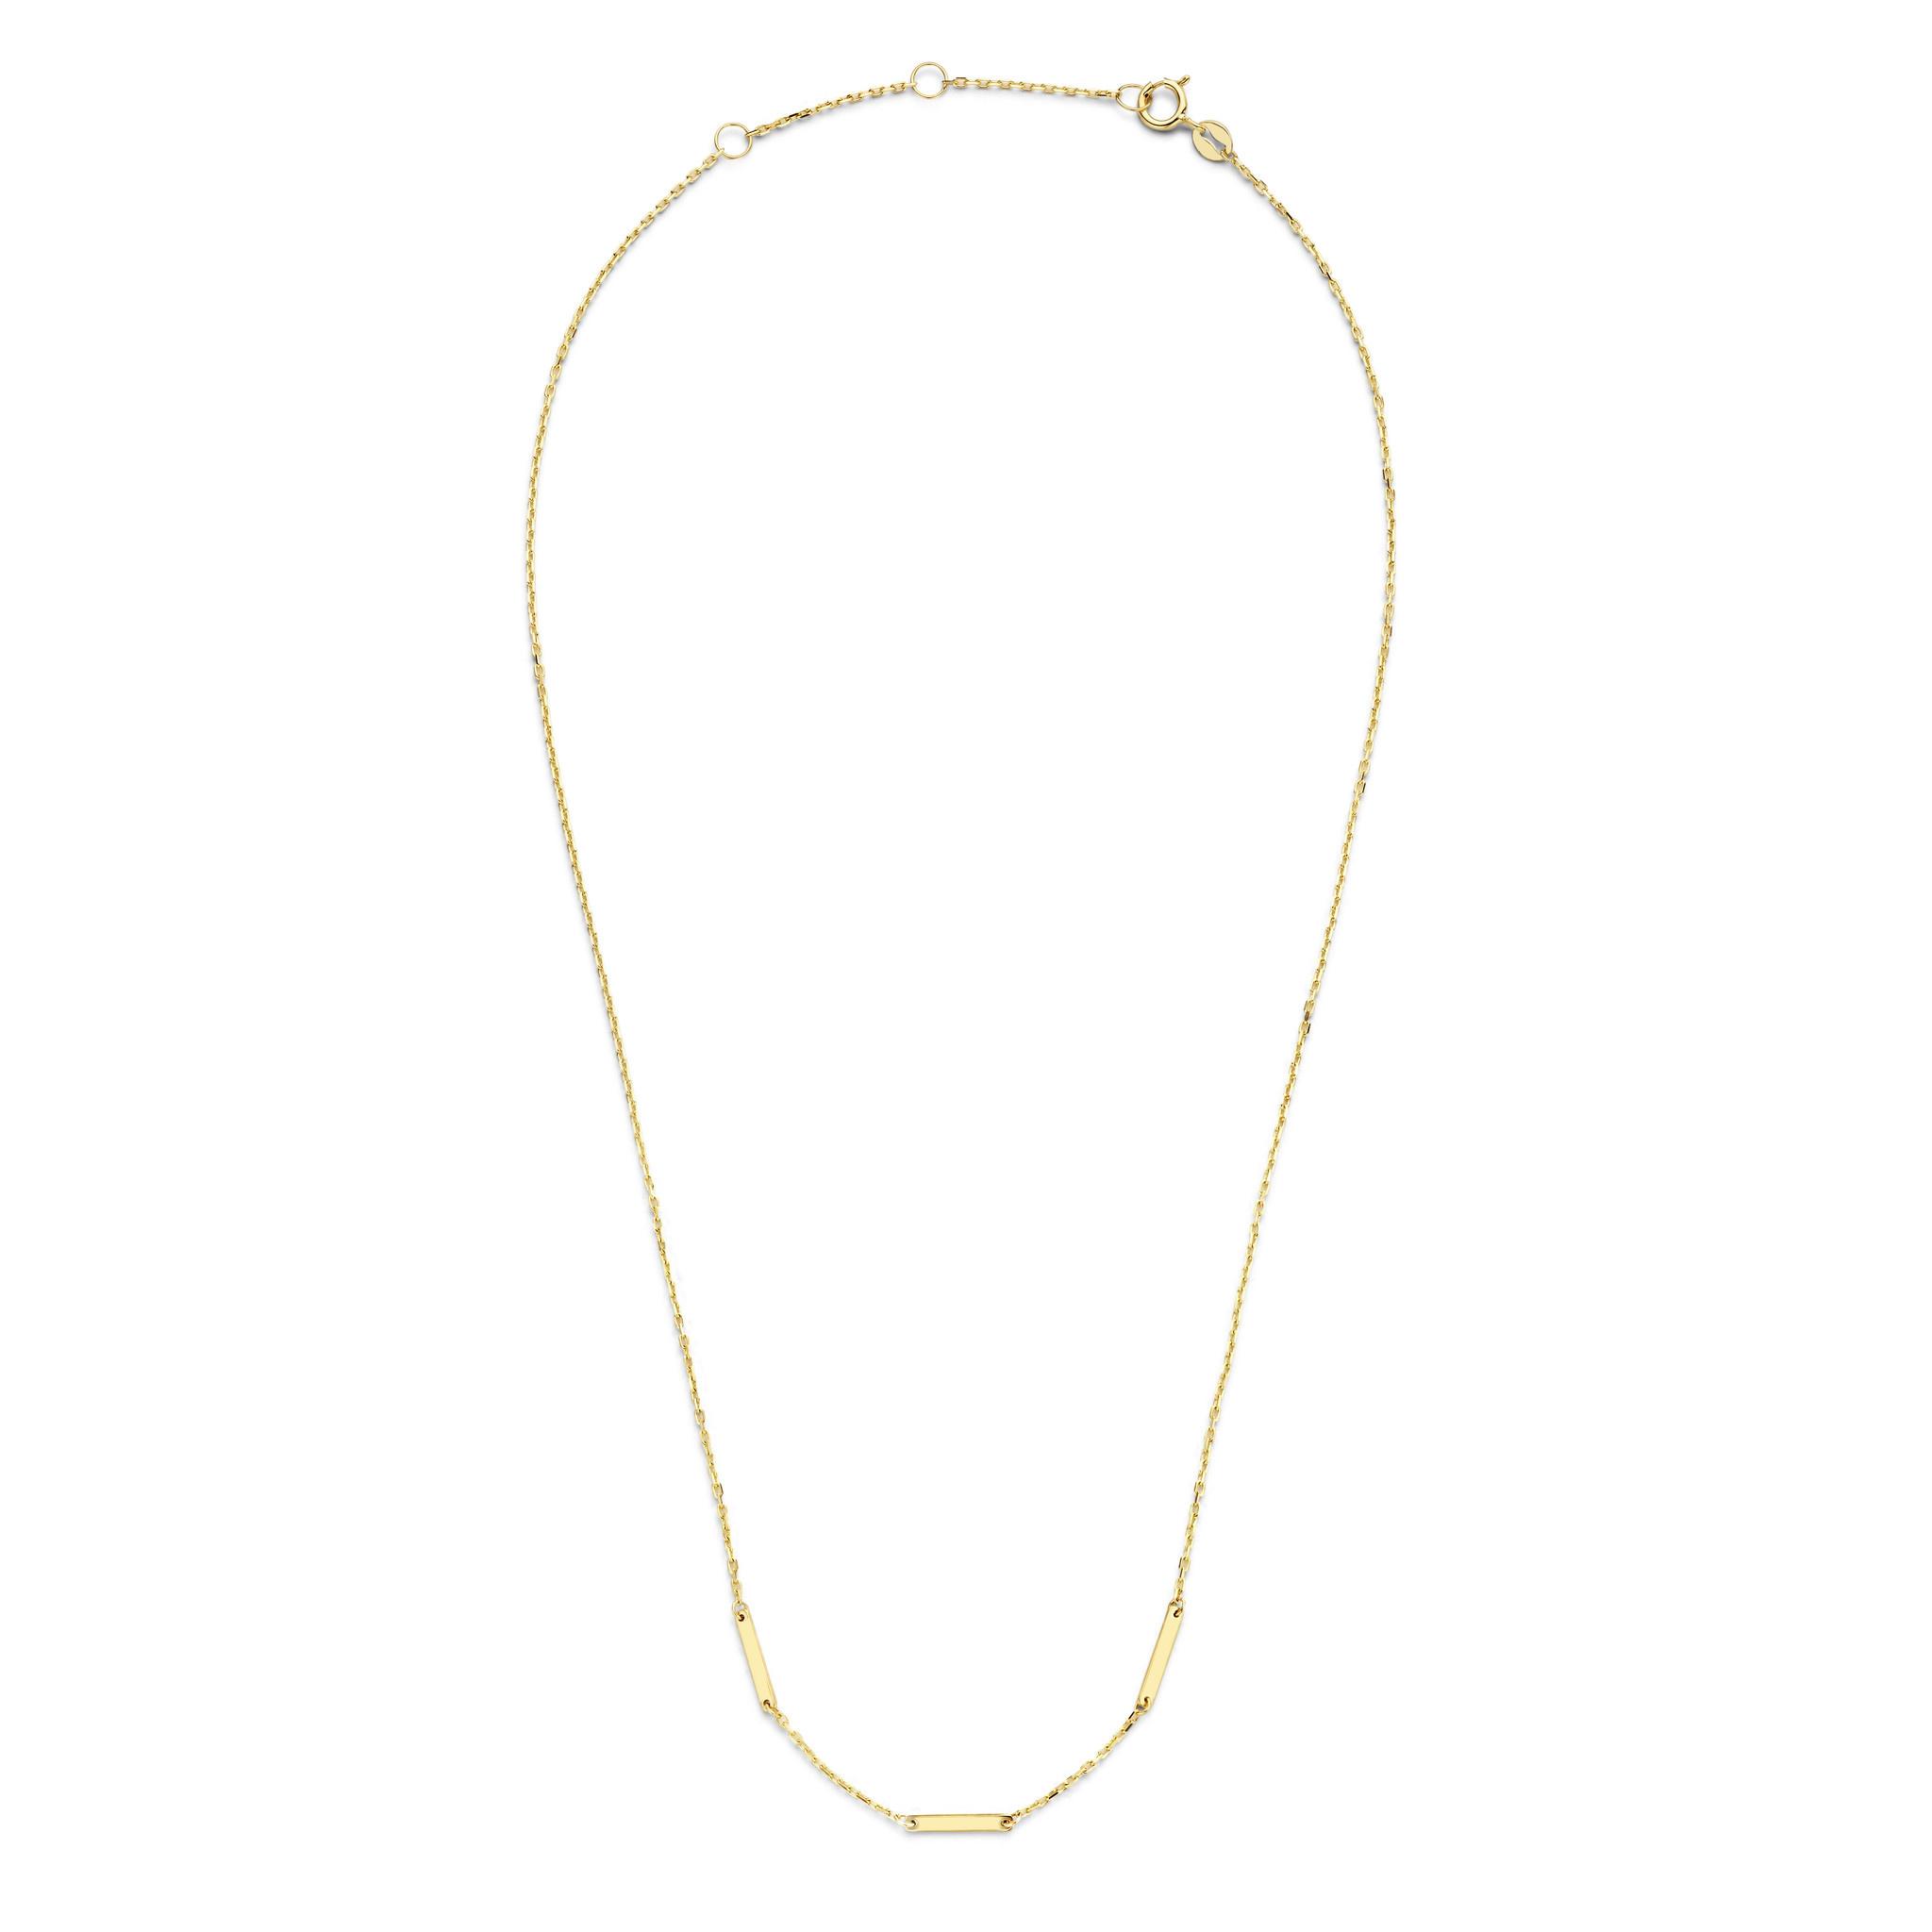 14 karaat geelgouden dames ketting - Jackie - Triple Bar Necklace-2